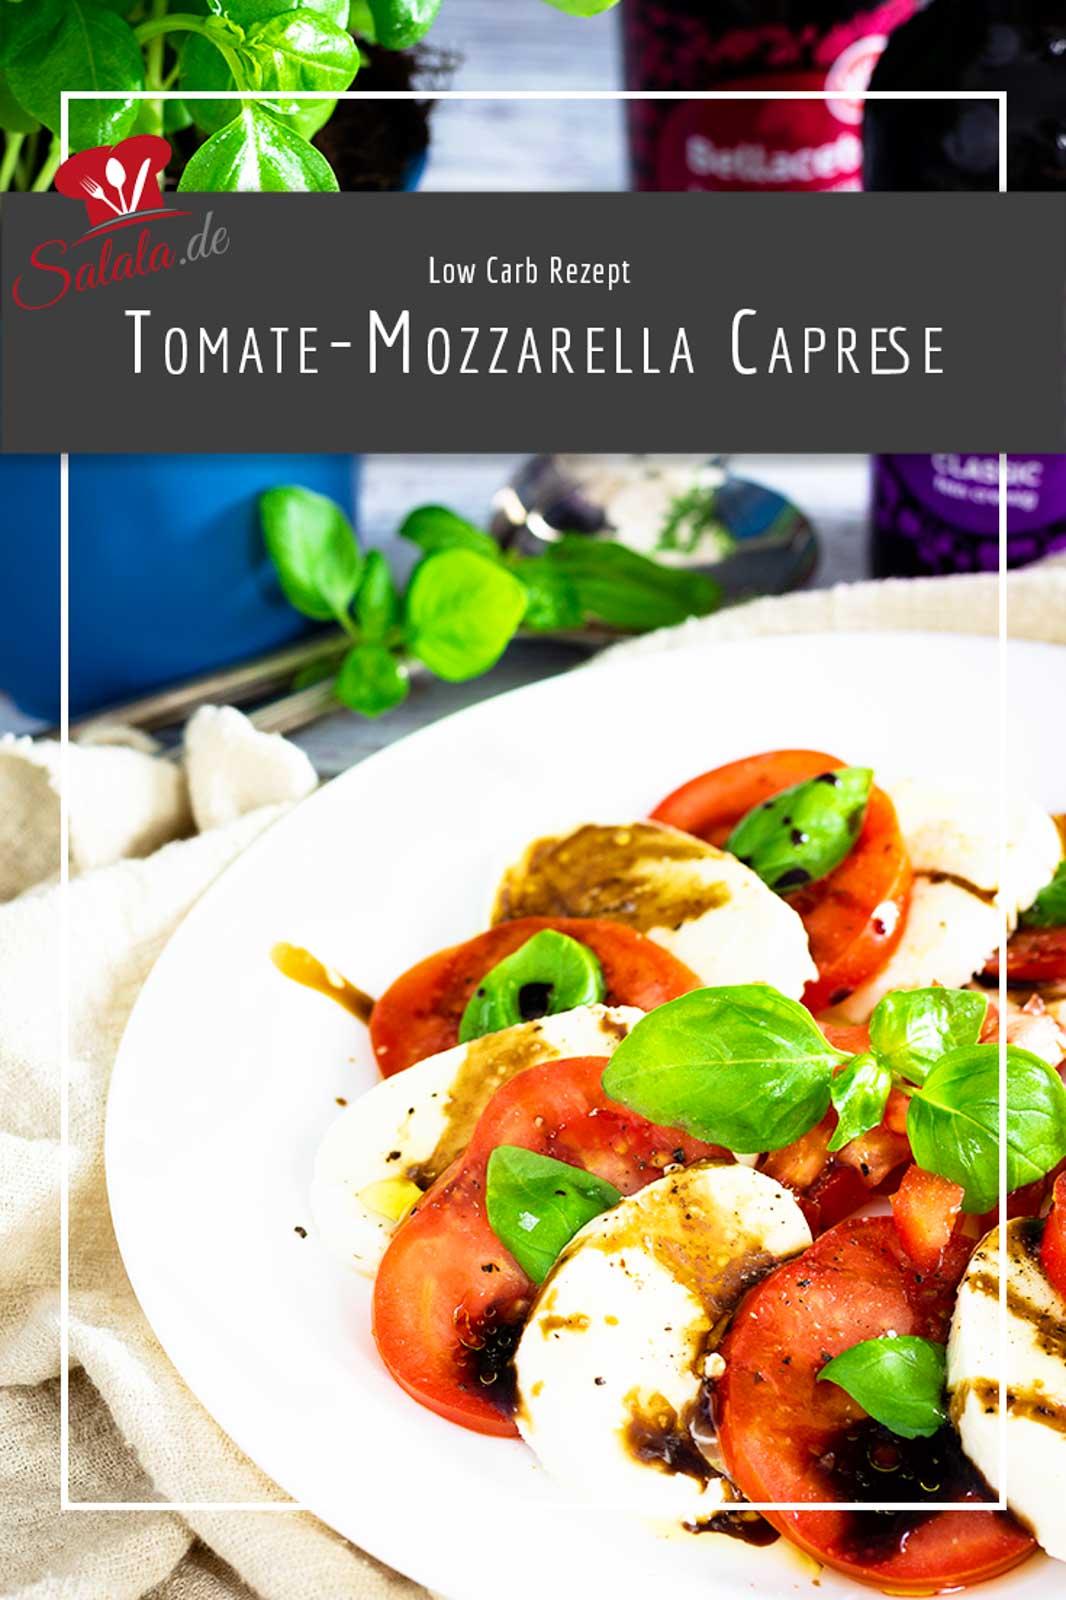 Tomate Mozzarella Salat als Vorspeise oder Beilage zum Low Carb Hauptgericht. Im Original heißt das ja Insalata Caprese, wird dann aber ohne die Balsamico Creme gemacht. #lowCarbSalat #LowCarbVorspeise #InsalataCaprese #TomateMozzarellaSalat